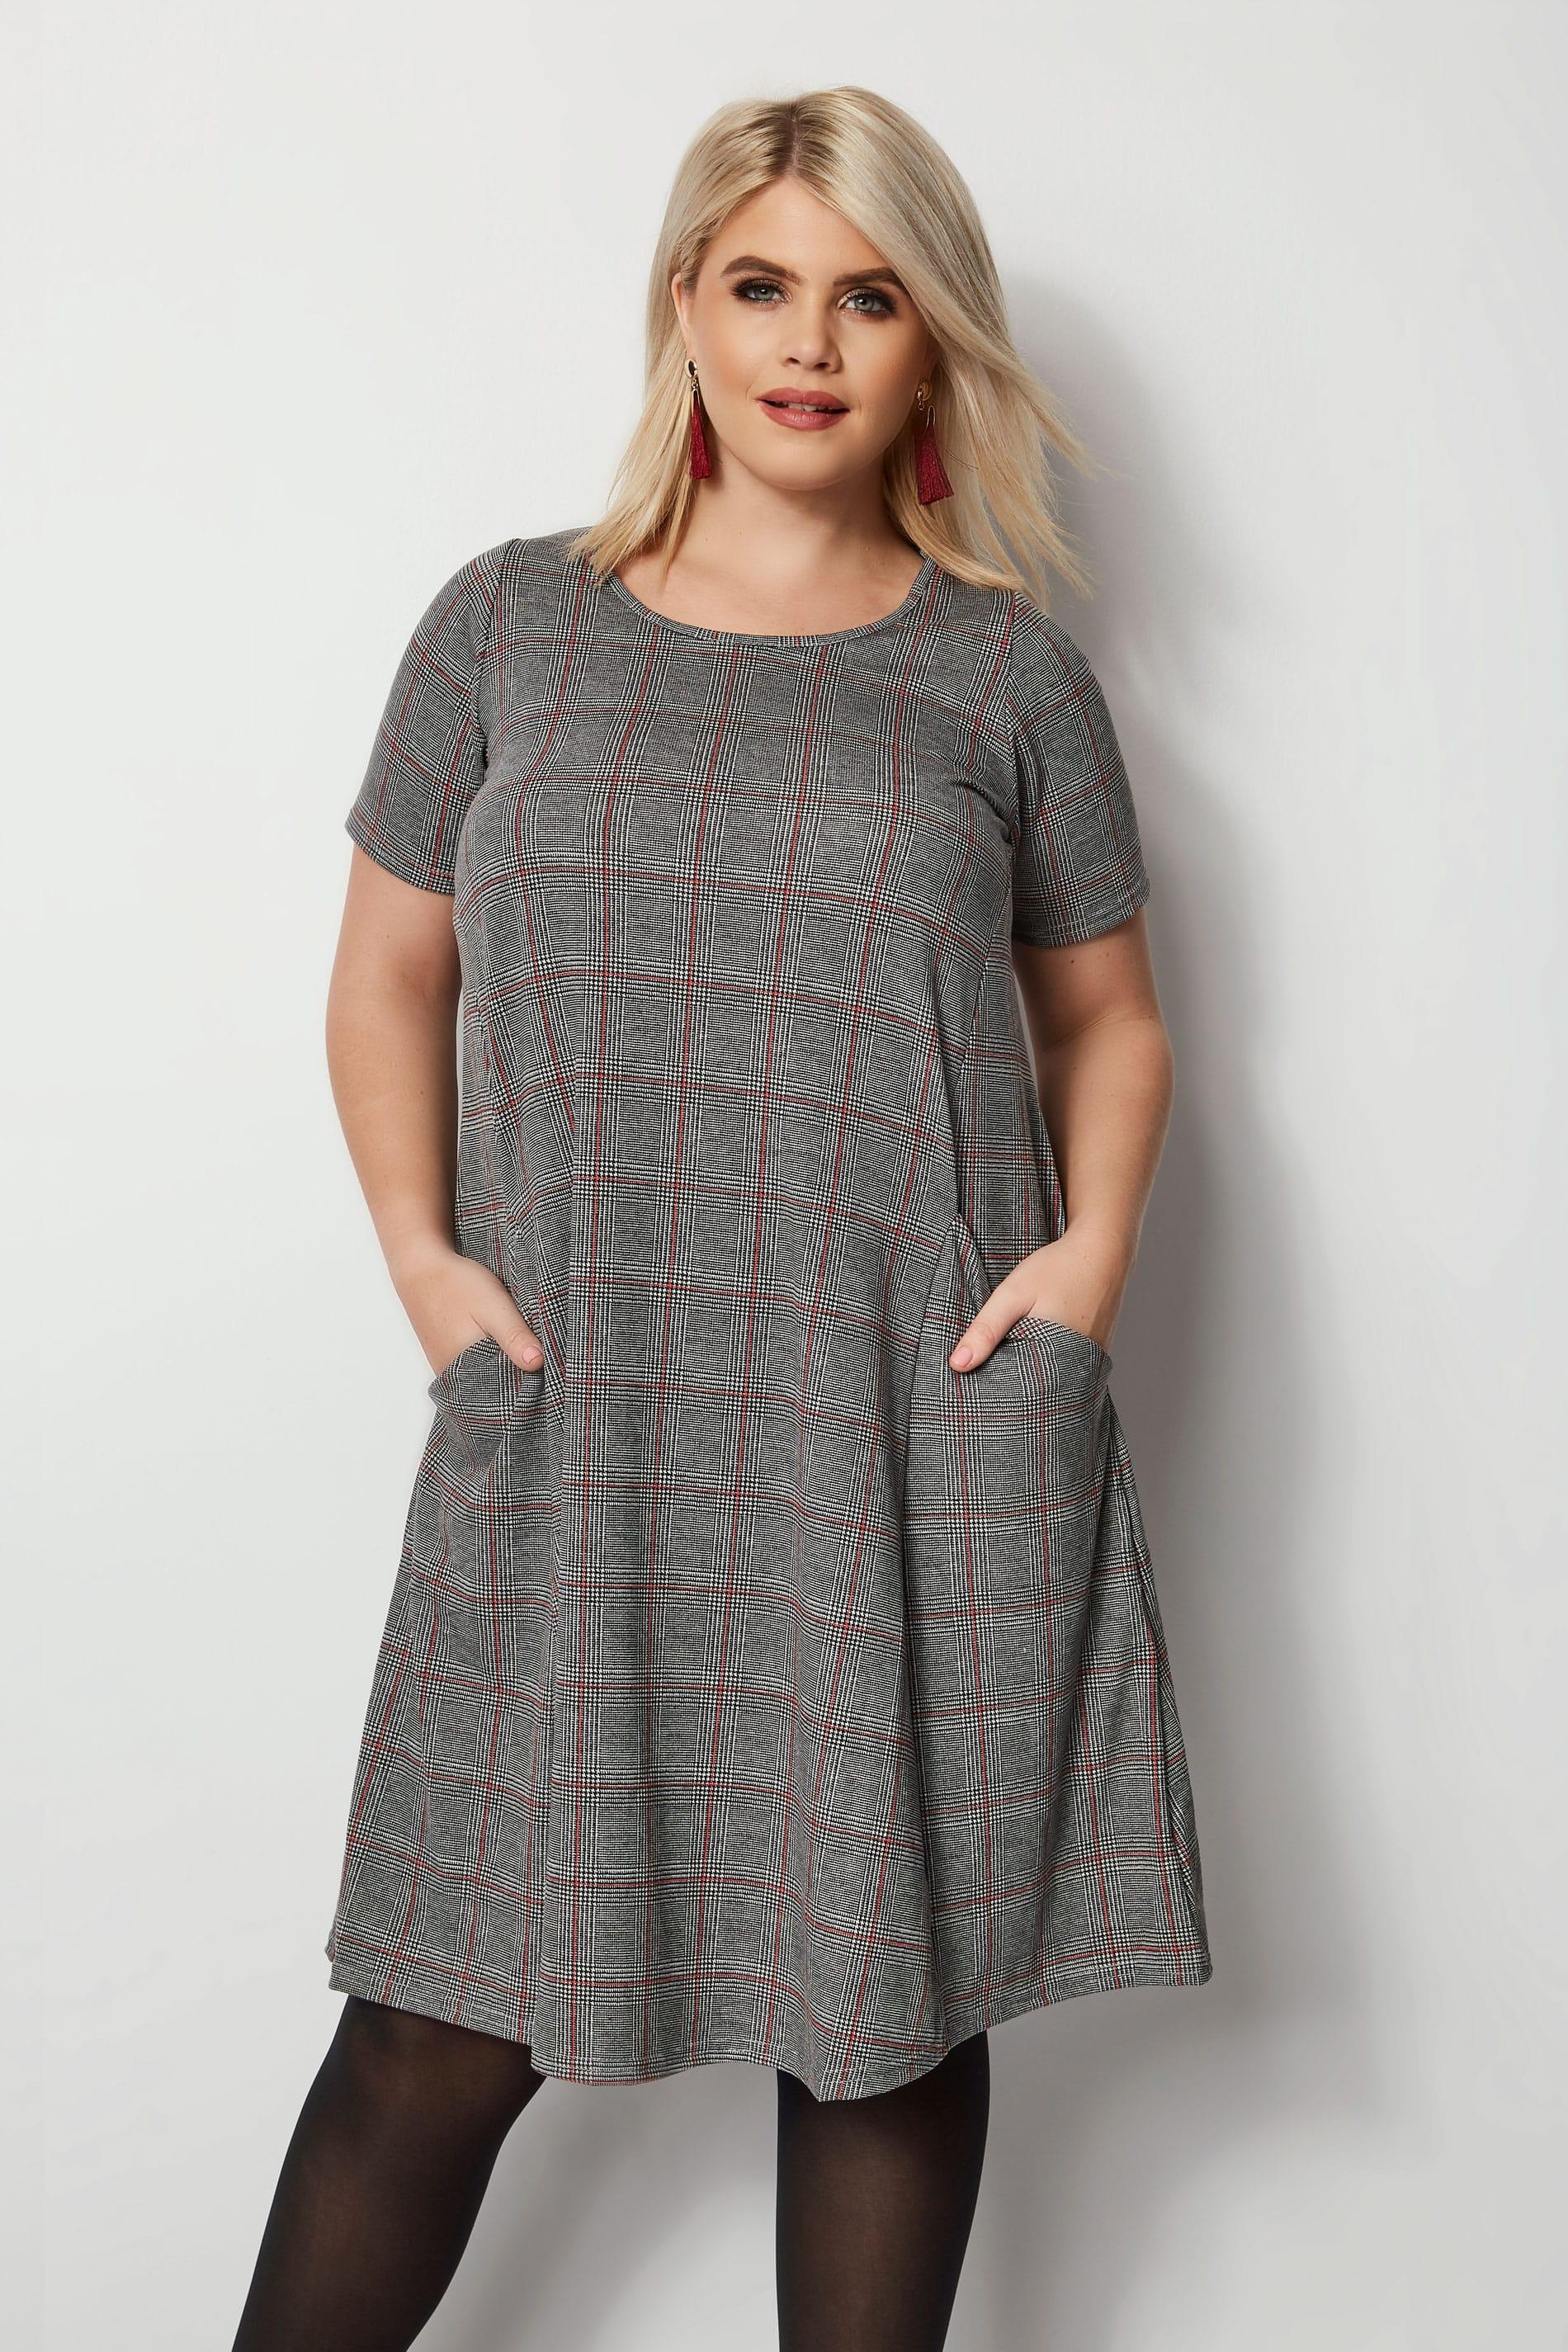 платье для полных фигуры типа перевернутый треугольник фото